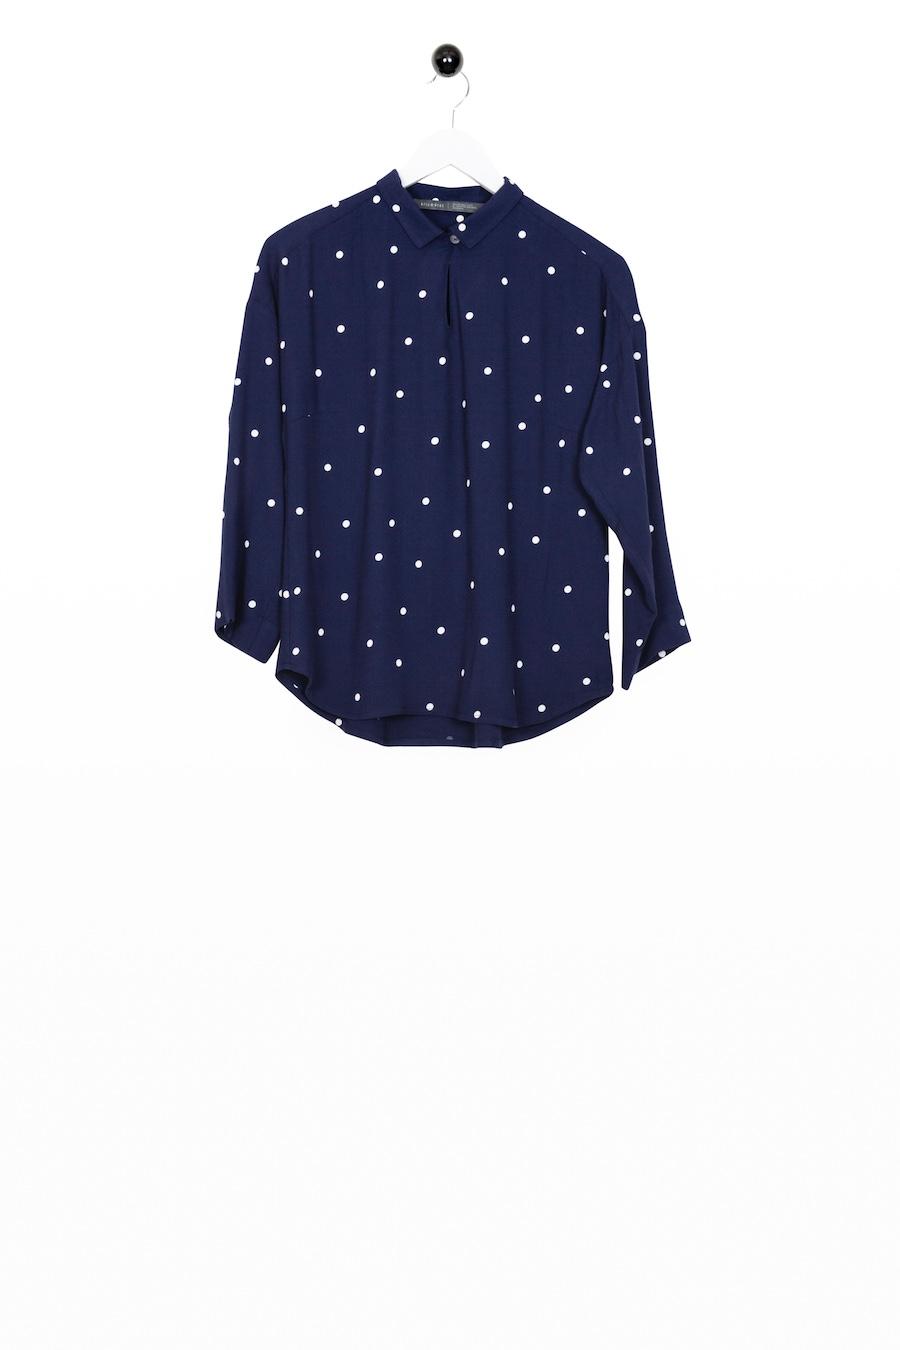 Souirin Shirt